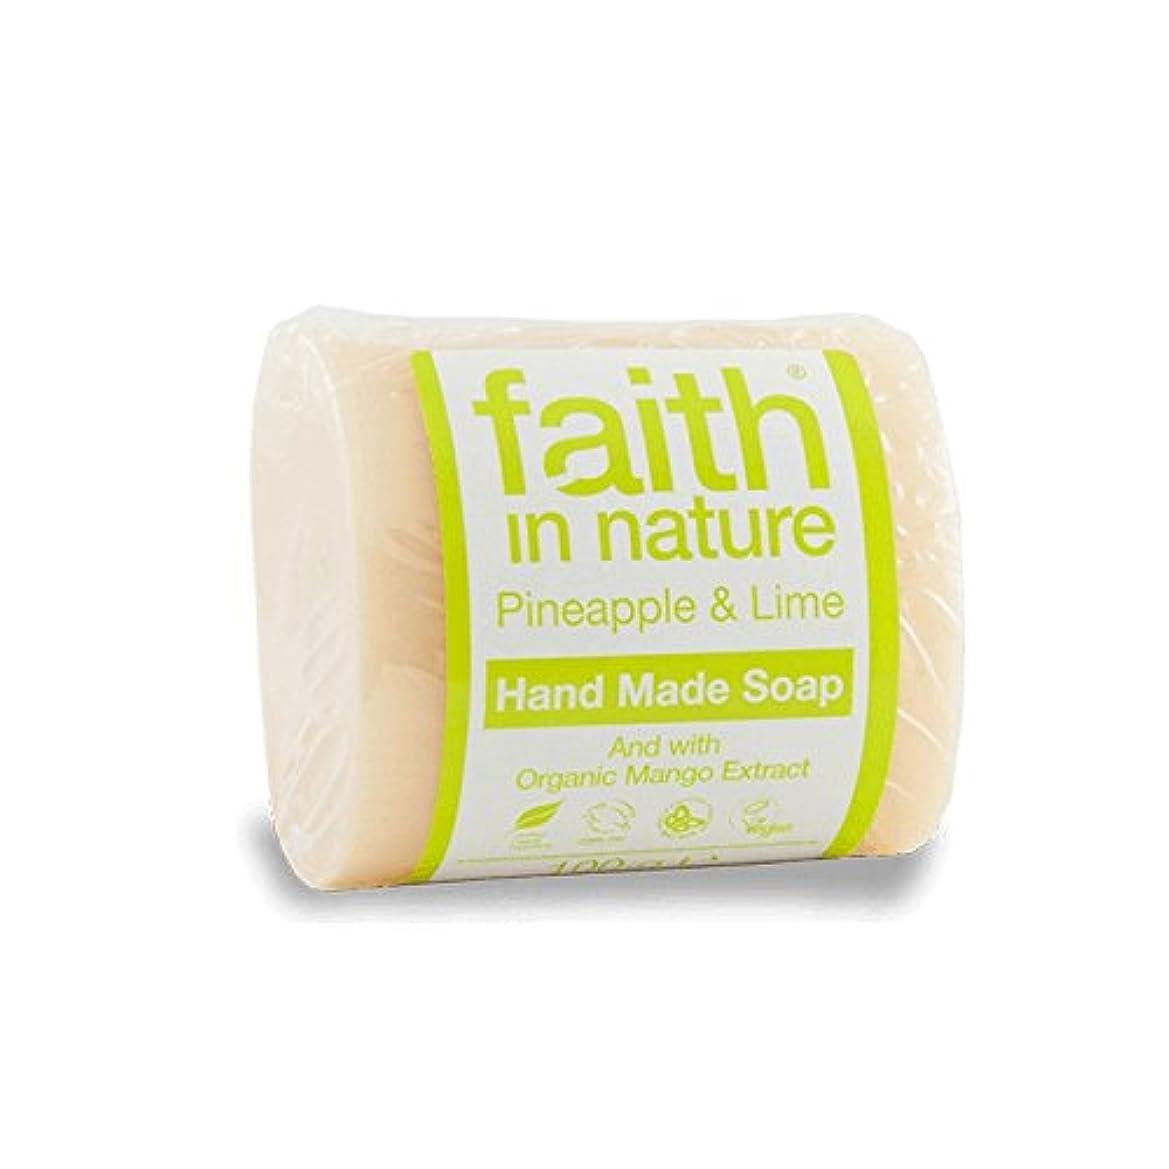 グリーンバック品揃え政治家のFaith in Nature Pineapple & Lime Soap 100g (Pack of 6) - 自然パイナップル&ライムソープ100グラムの信仰 (x6) [並行輸入品]